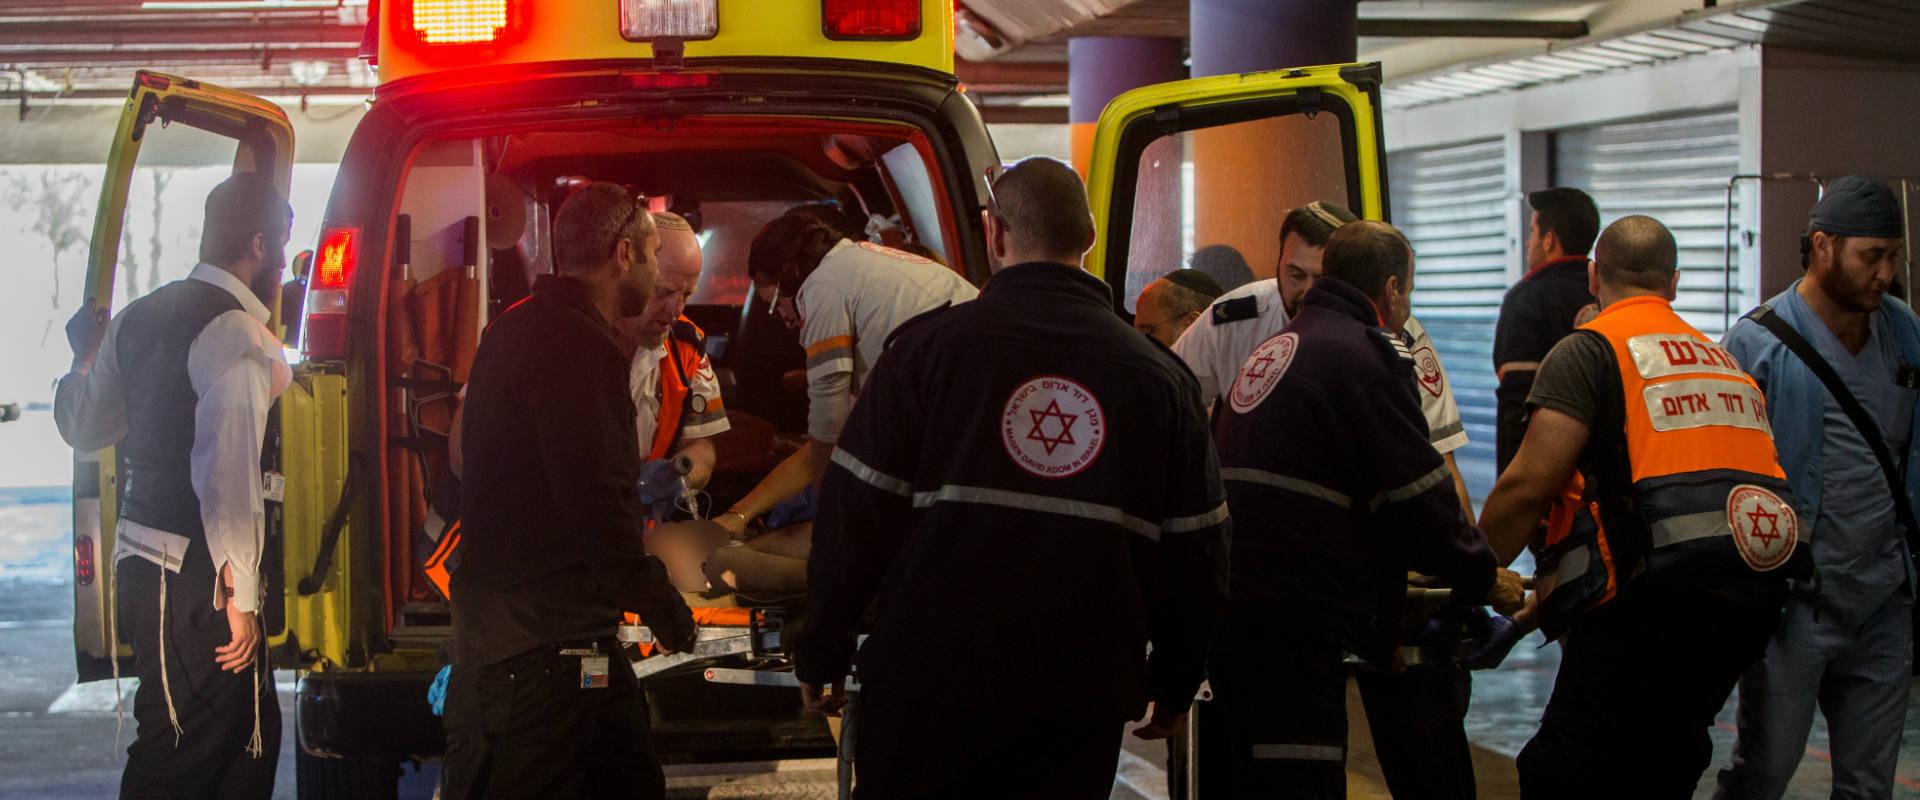 חולה מובהל לבית החולים שערי צדק בירושלים